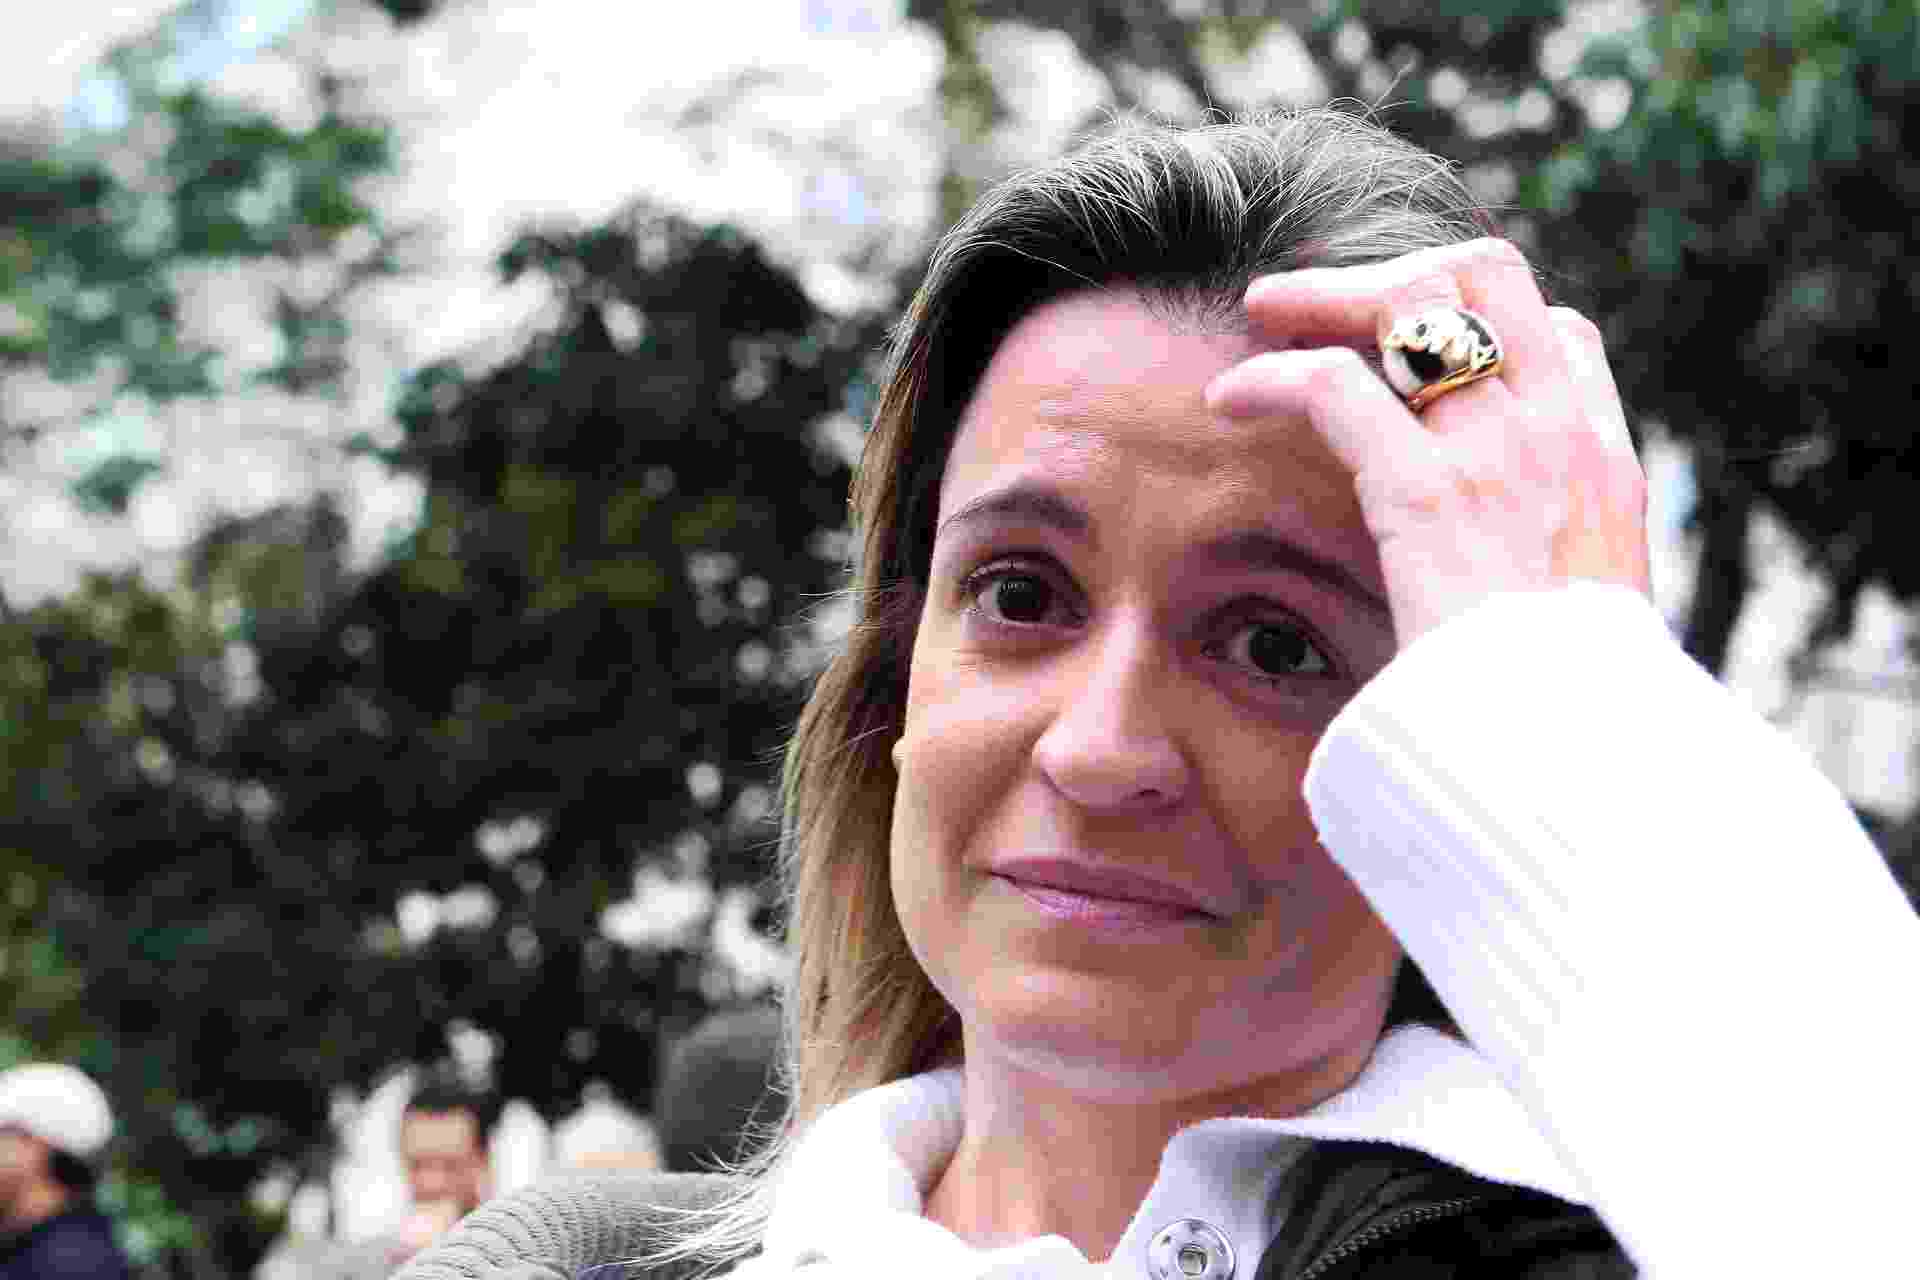 A candidata Juliana Regina Pereira foi para o local errado e perdeu o 11º Exame de Ordem (OAB) cuja primeira fase acontece neste domingo (18) - Aline Arruda/UOL